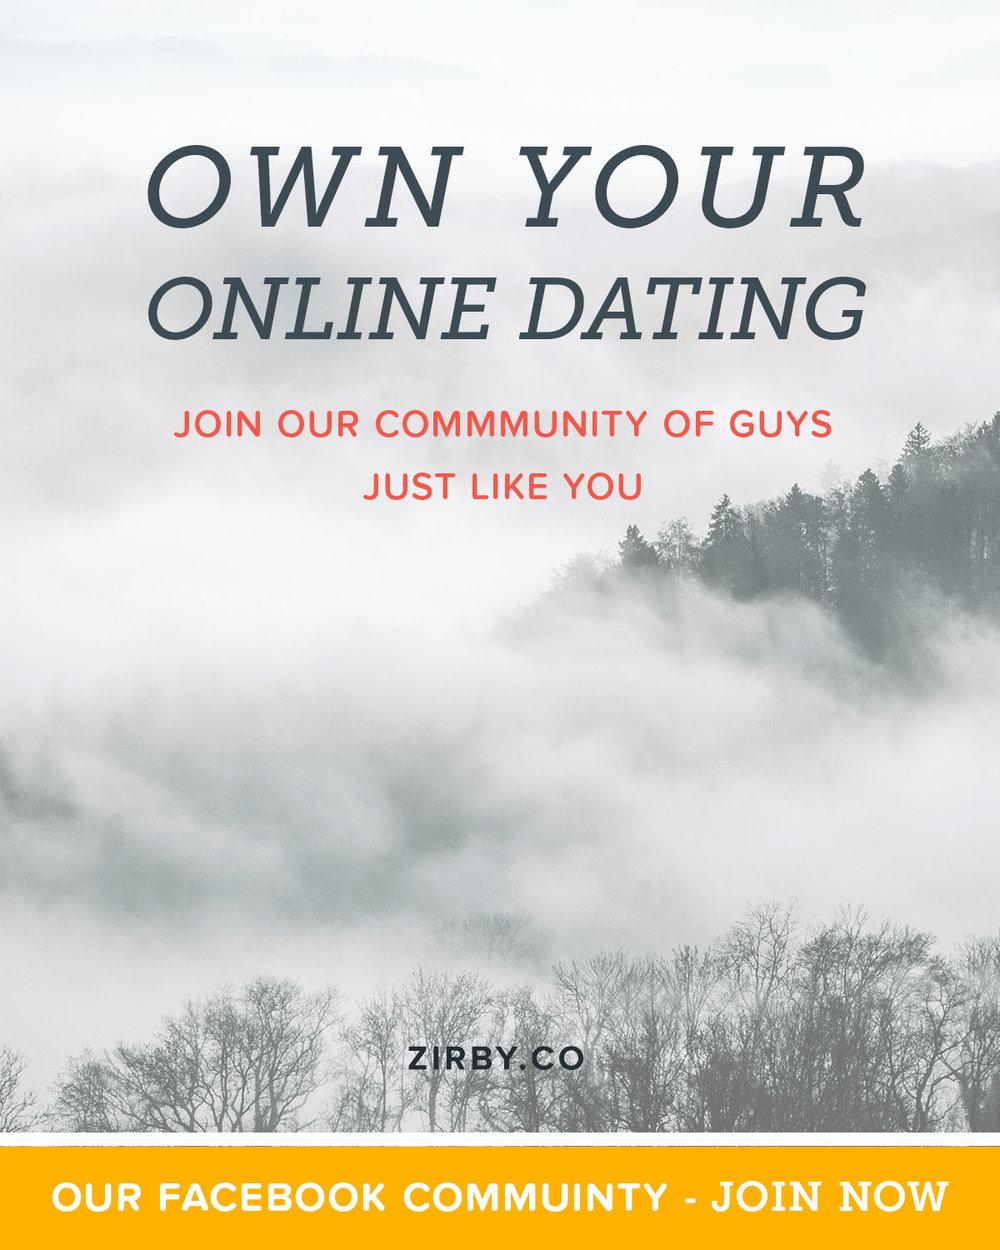 Exclusive online dating